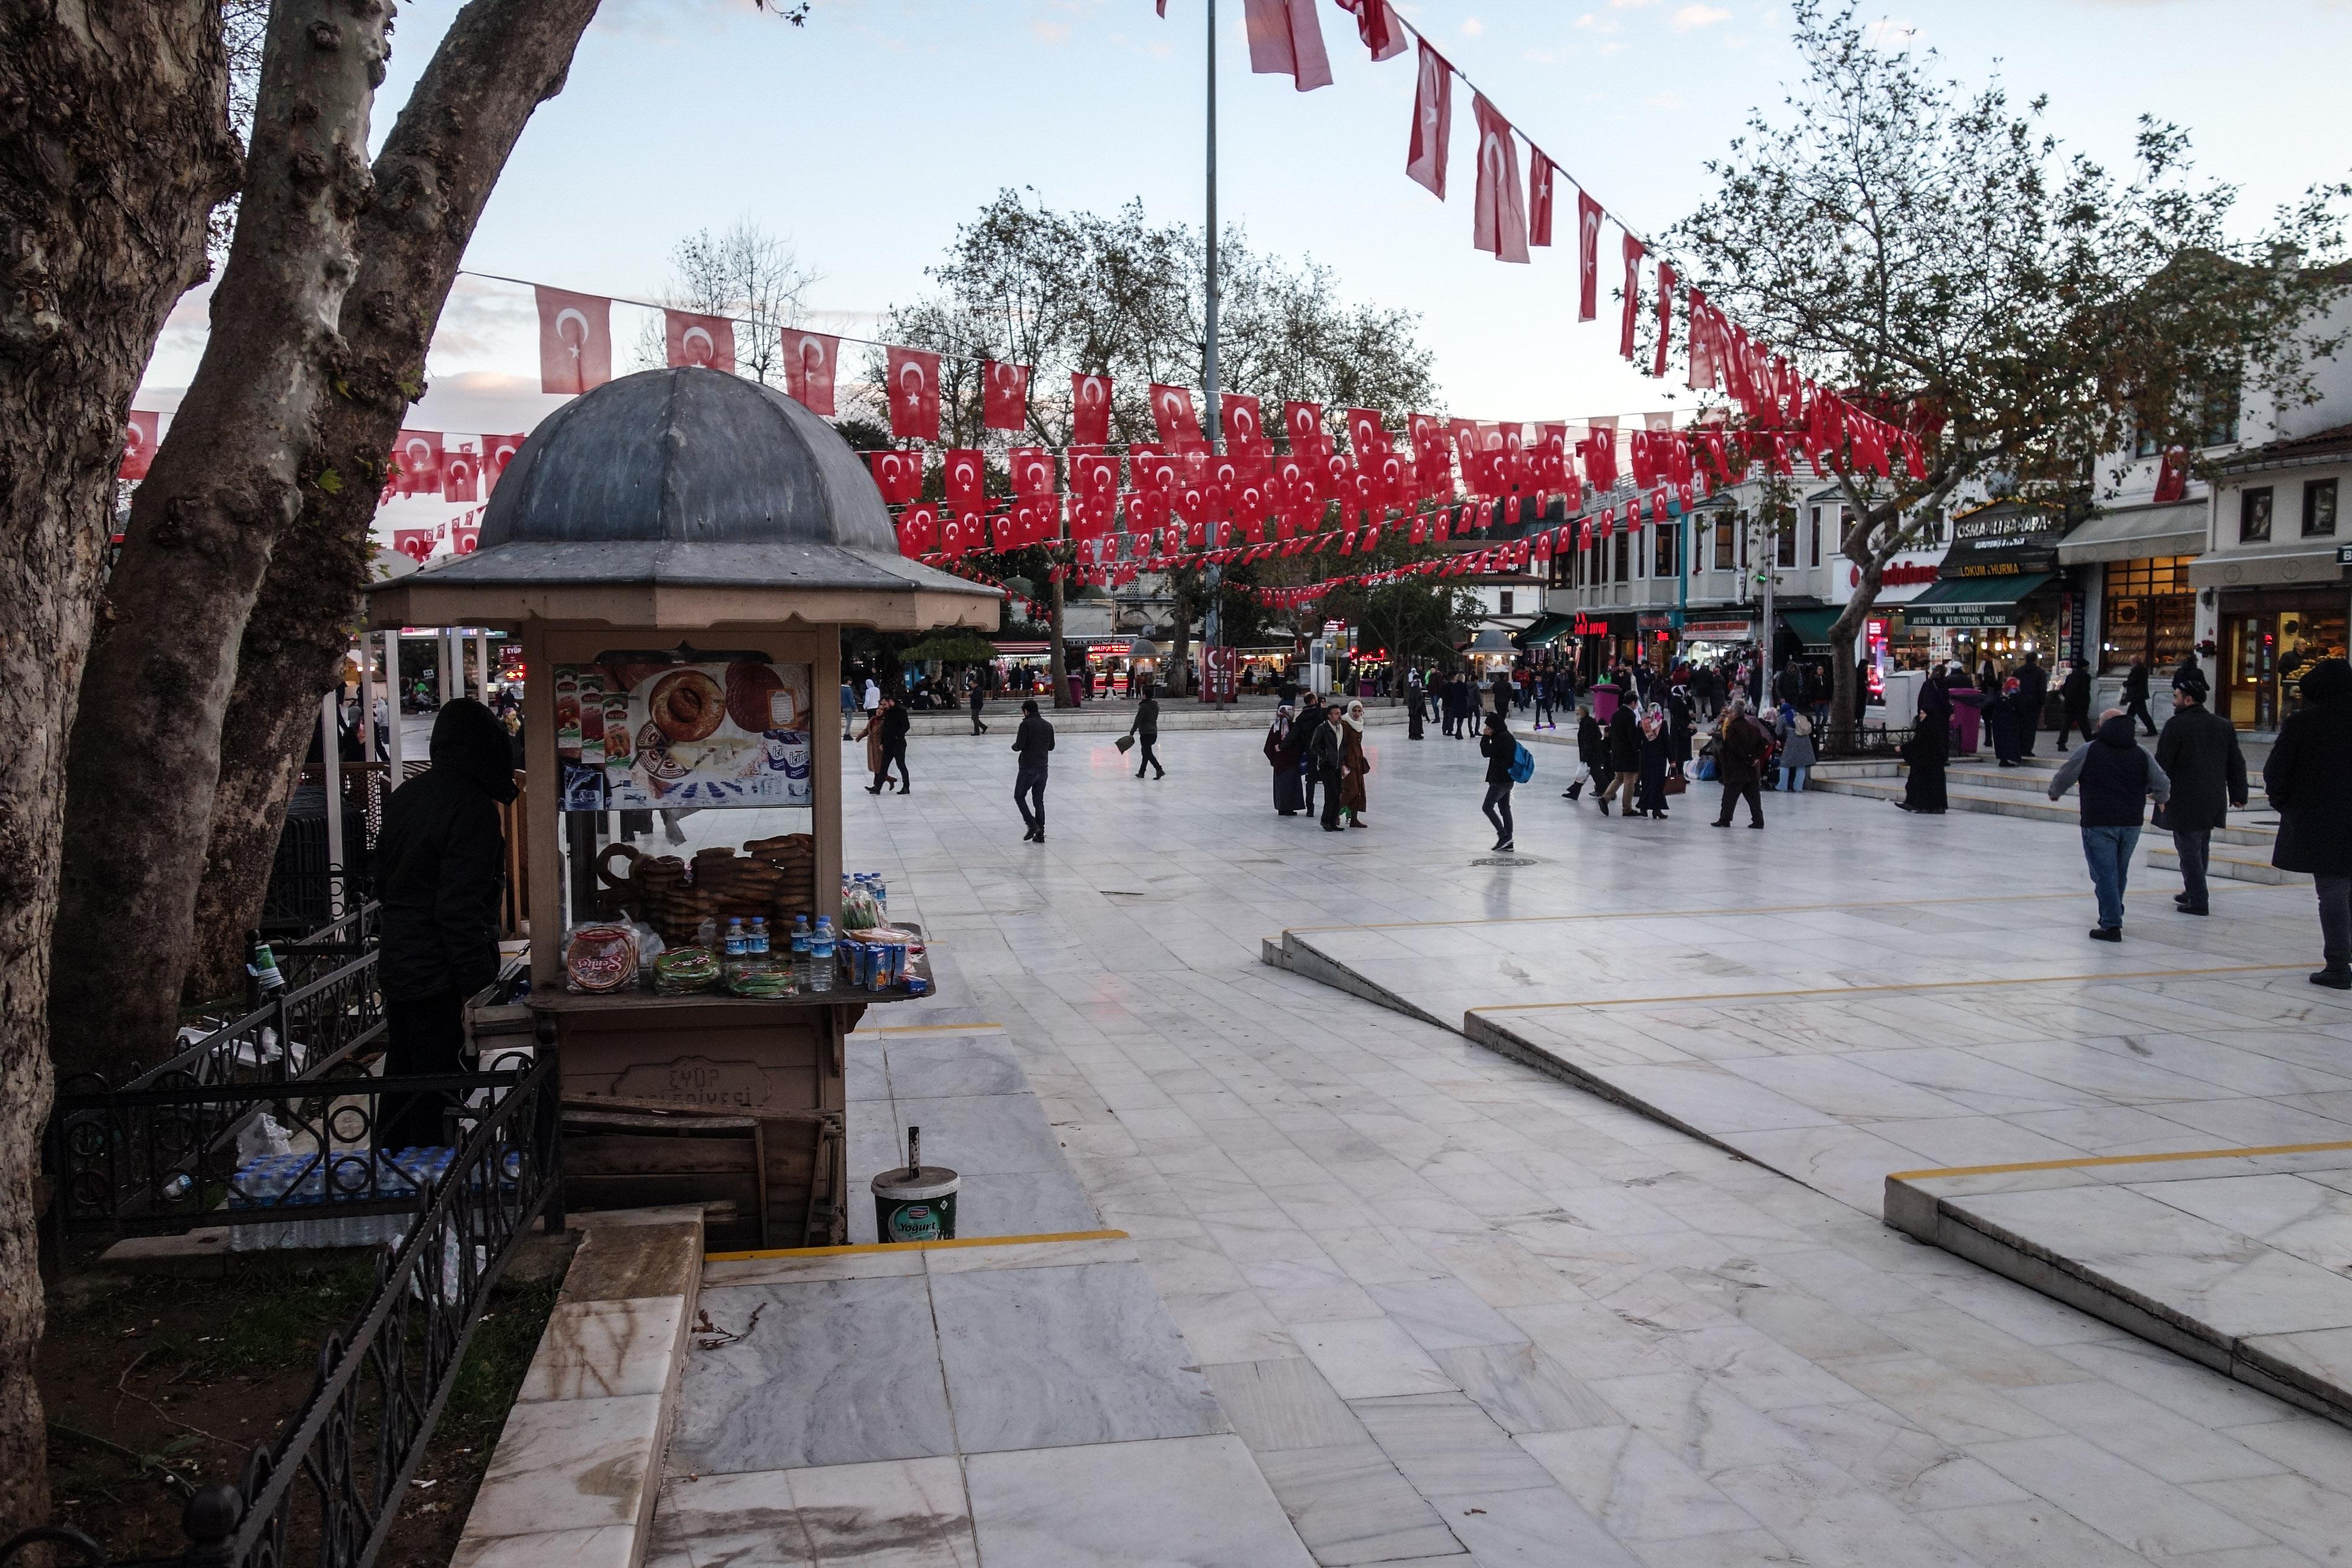 La piazza della moschea Eyup Sultan Camii